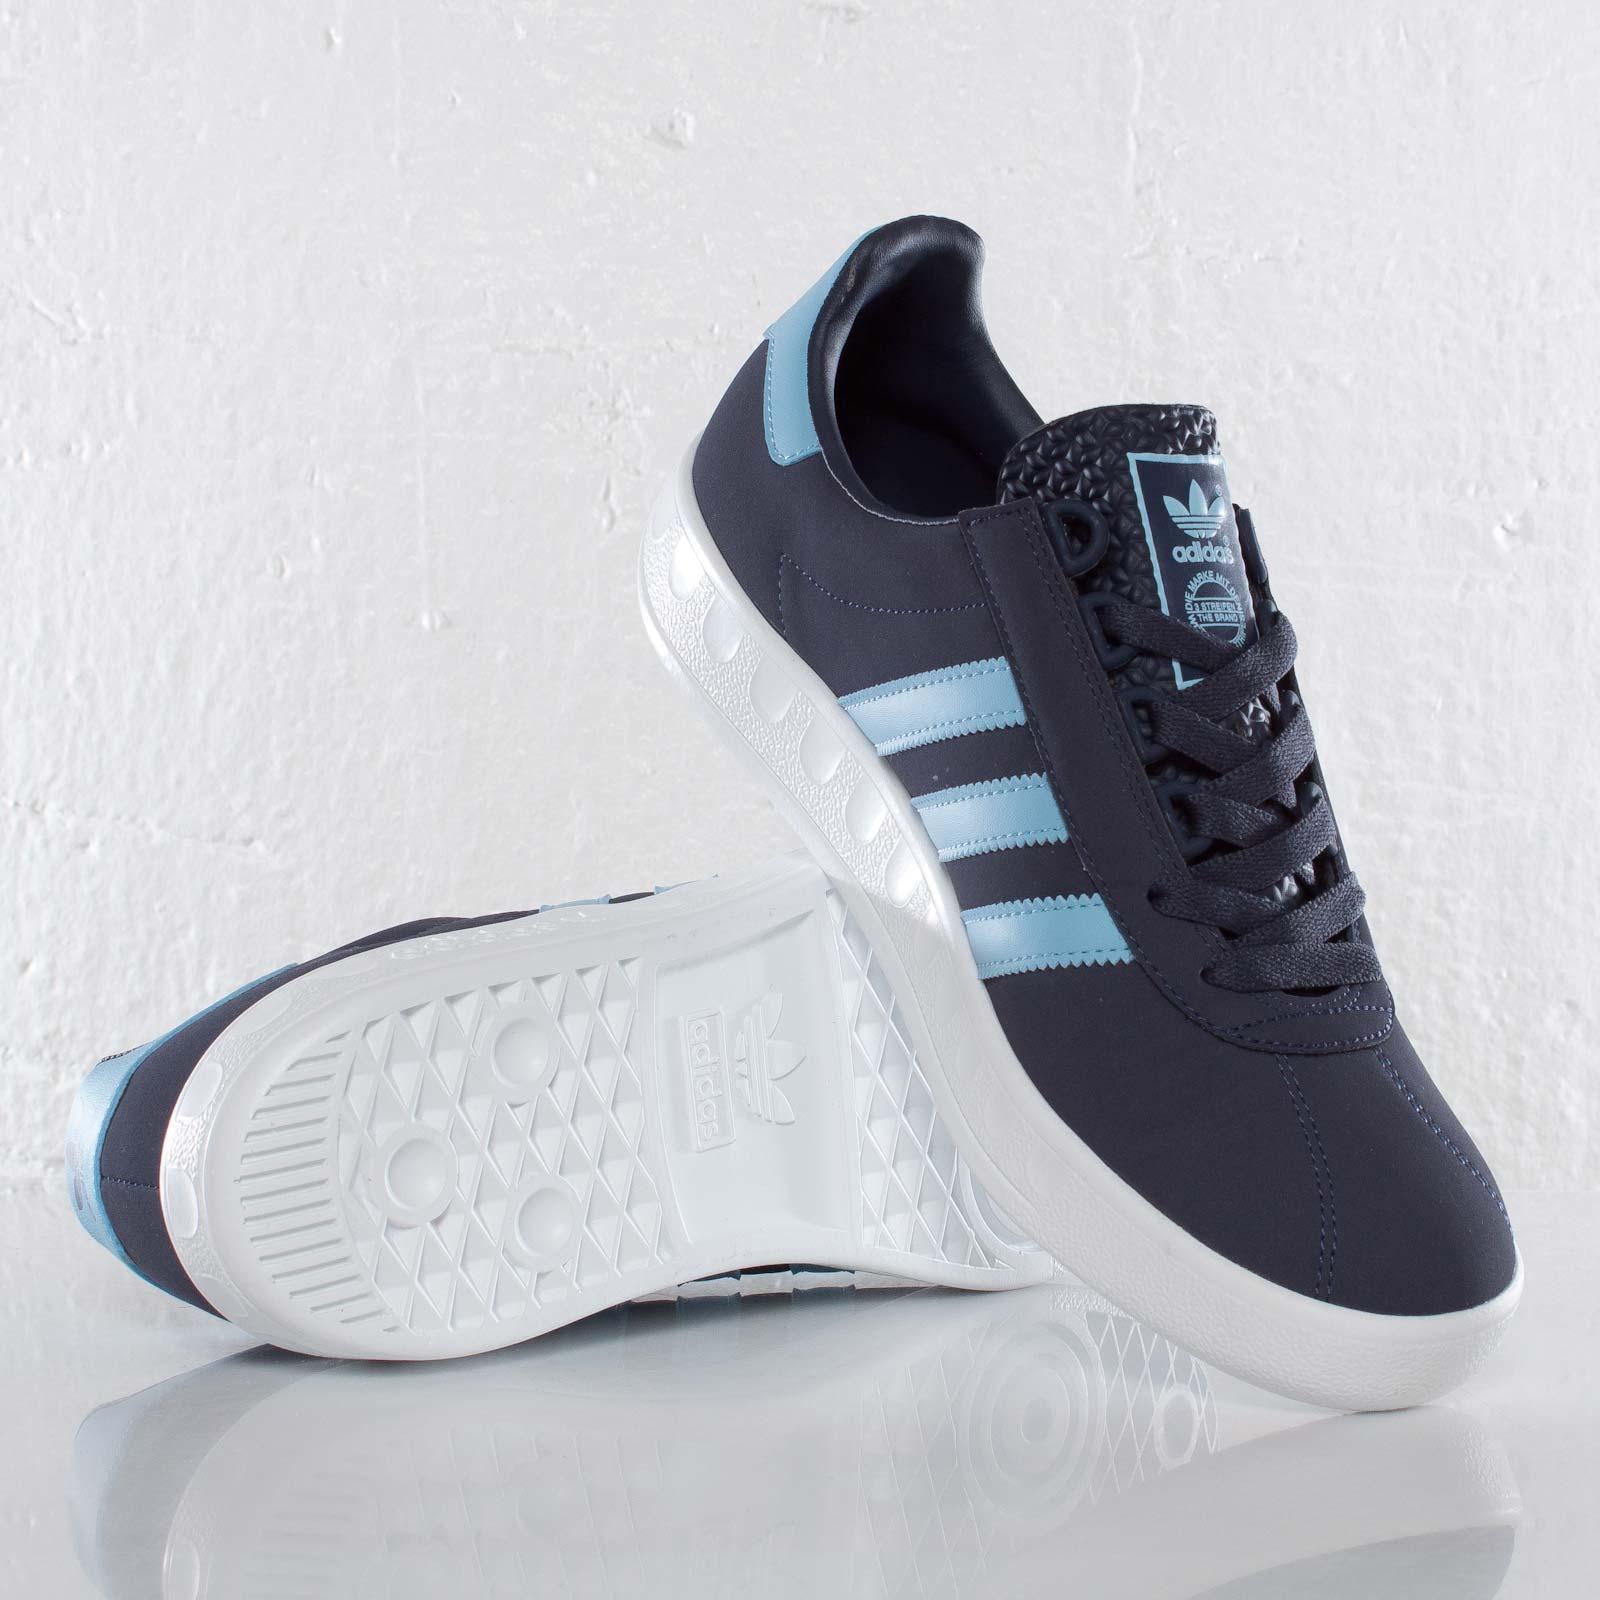 Préstamo de dinero Geografía Abandono  adidas Trimm-Trab - G95040 - Sneakersnstuff | sneakers & streetwear online  since 1999